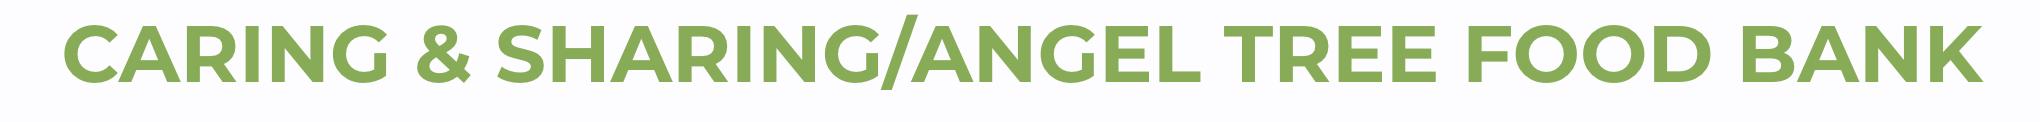 Caring & Sharing/Angel Tree Food Bank